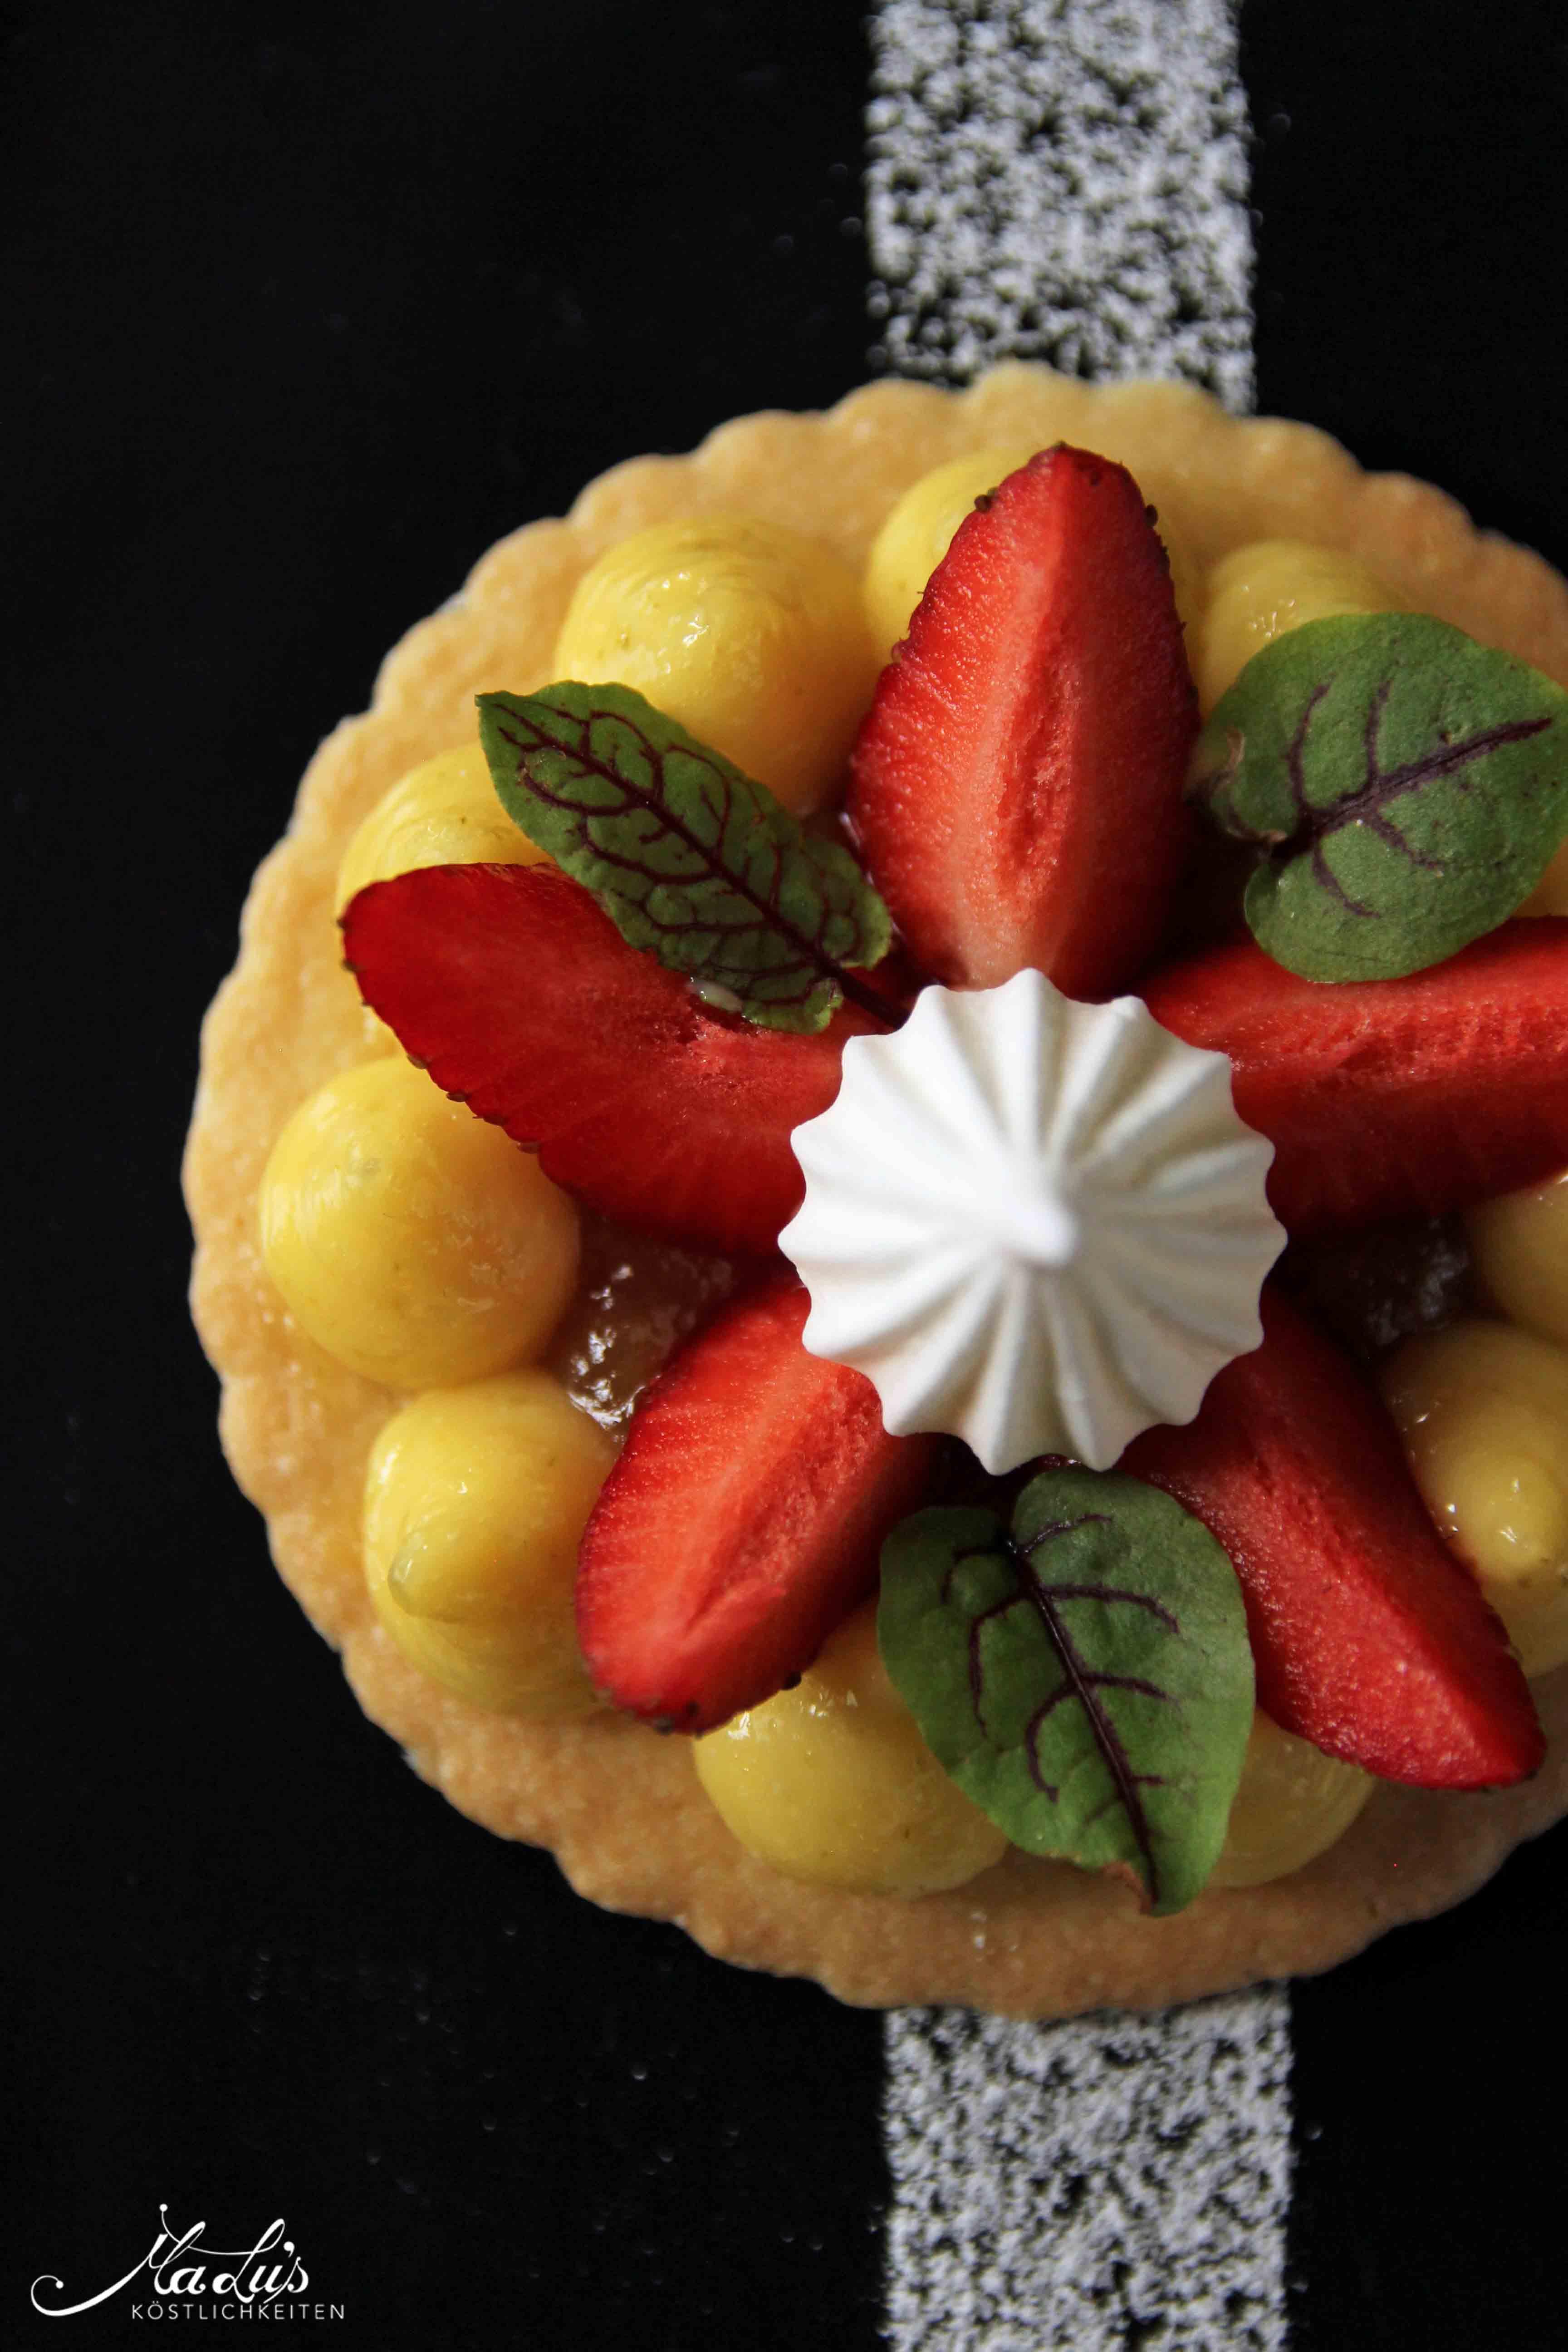 Zitronencreme auf Shortbread mit Erdbeeren - feines Dessert au citron